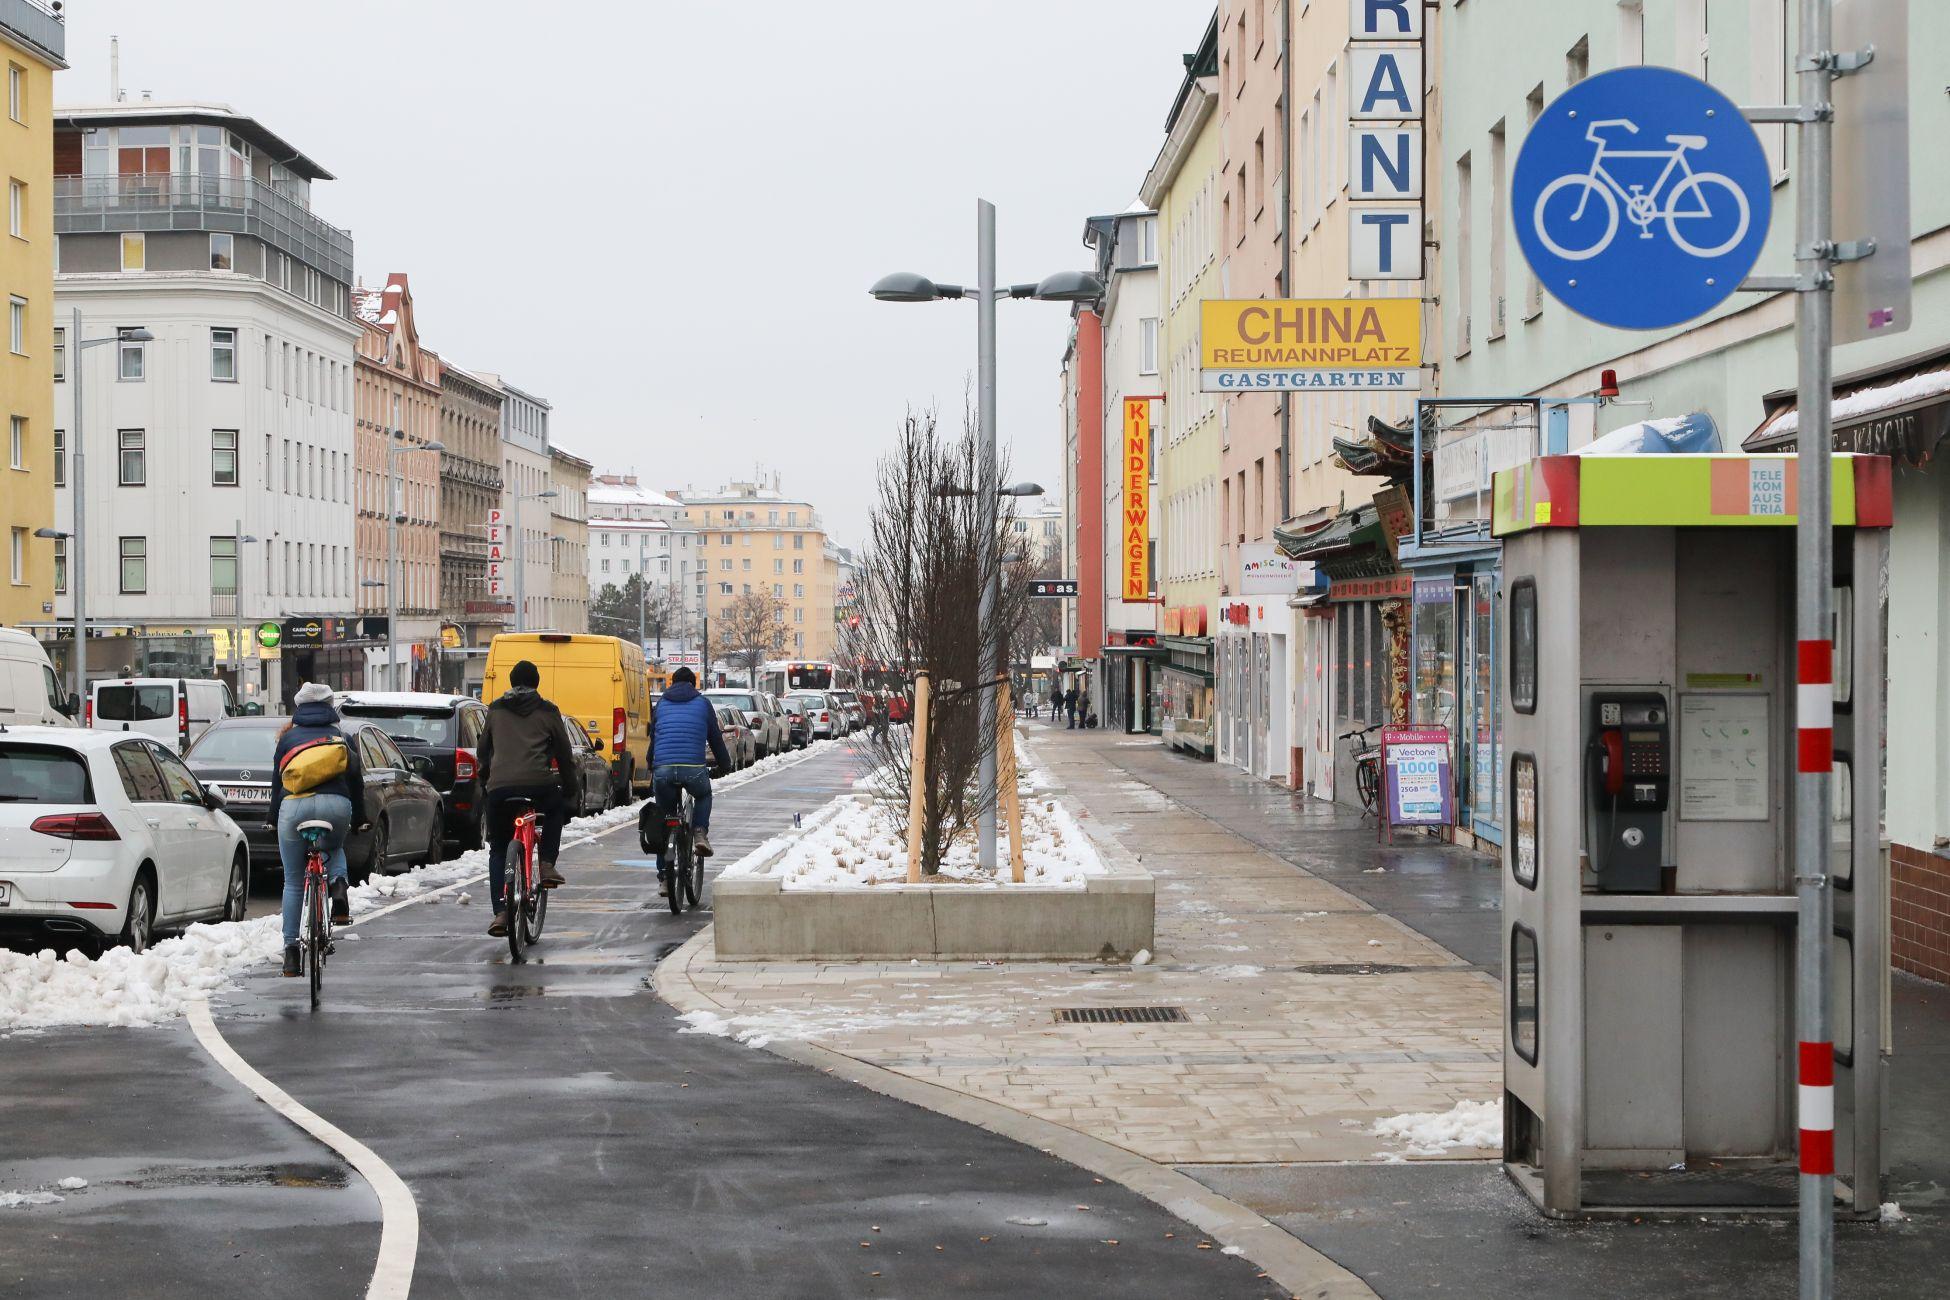 Drei Personen fahren auf dem Radweg entlang der Favoritenstraße, in Richtung Reumannplatz. Man sieht die Personen von hinten. Es ist Winter, am Straßenrand liegt Schnee. Foto aufgenommen von Christian Fürthner.